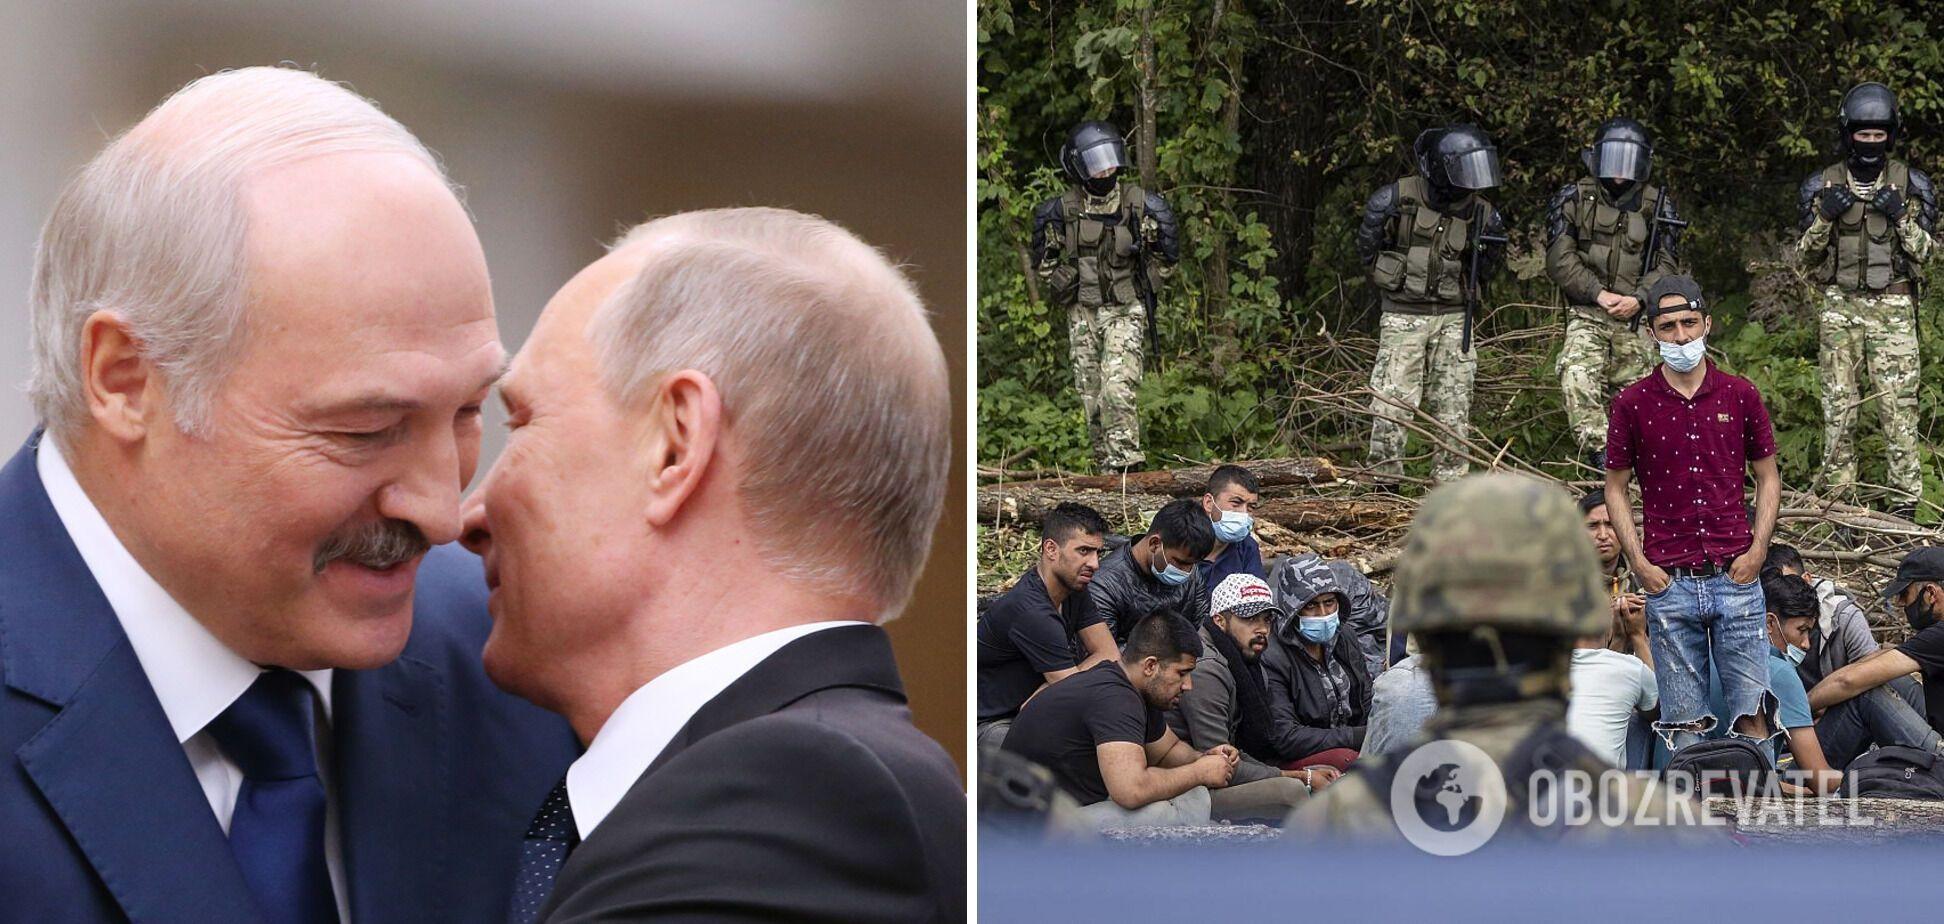 Нашествие мигрантов: путинская Ерефия усиливает давление на Европу